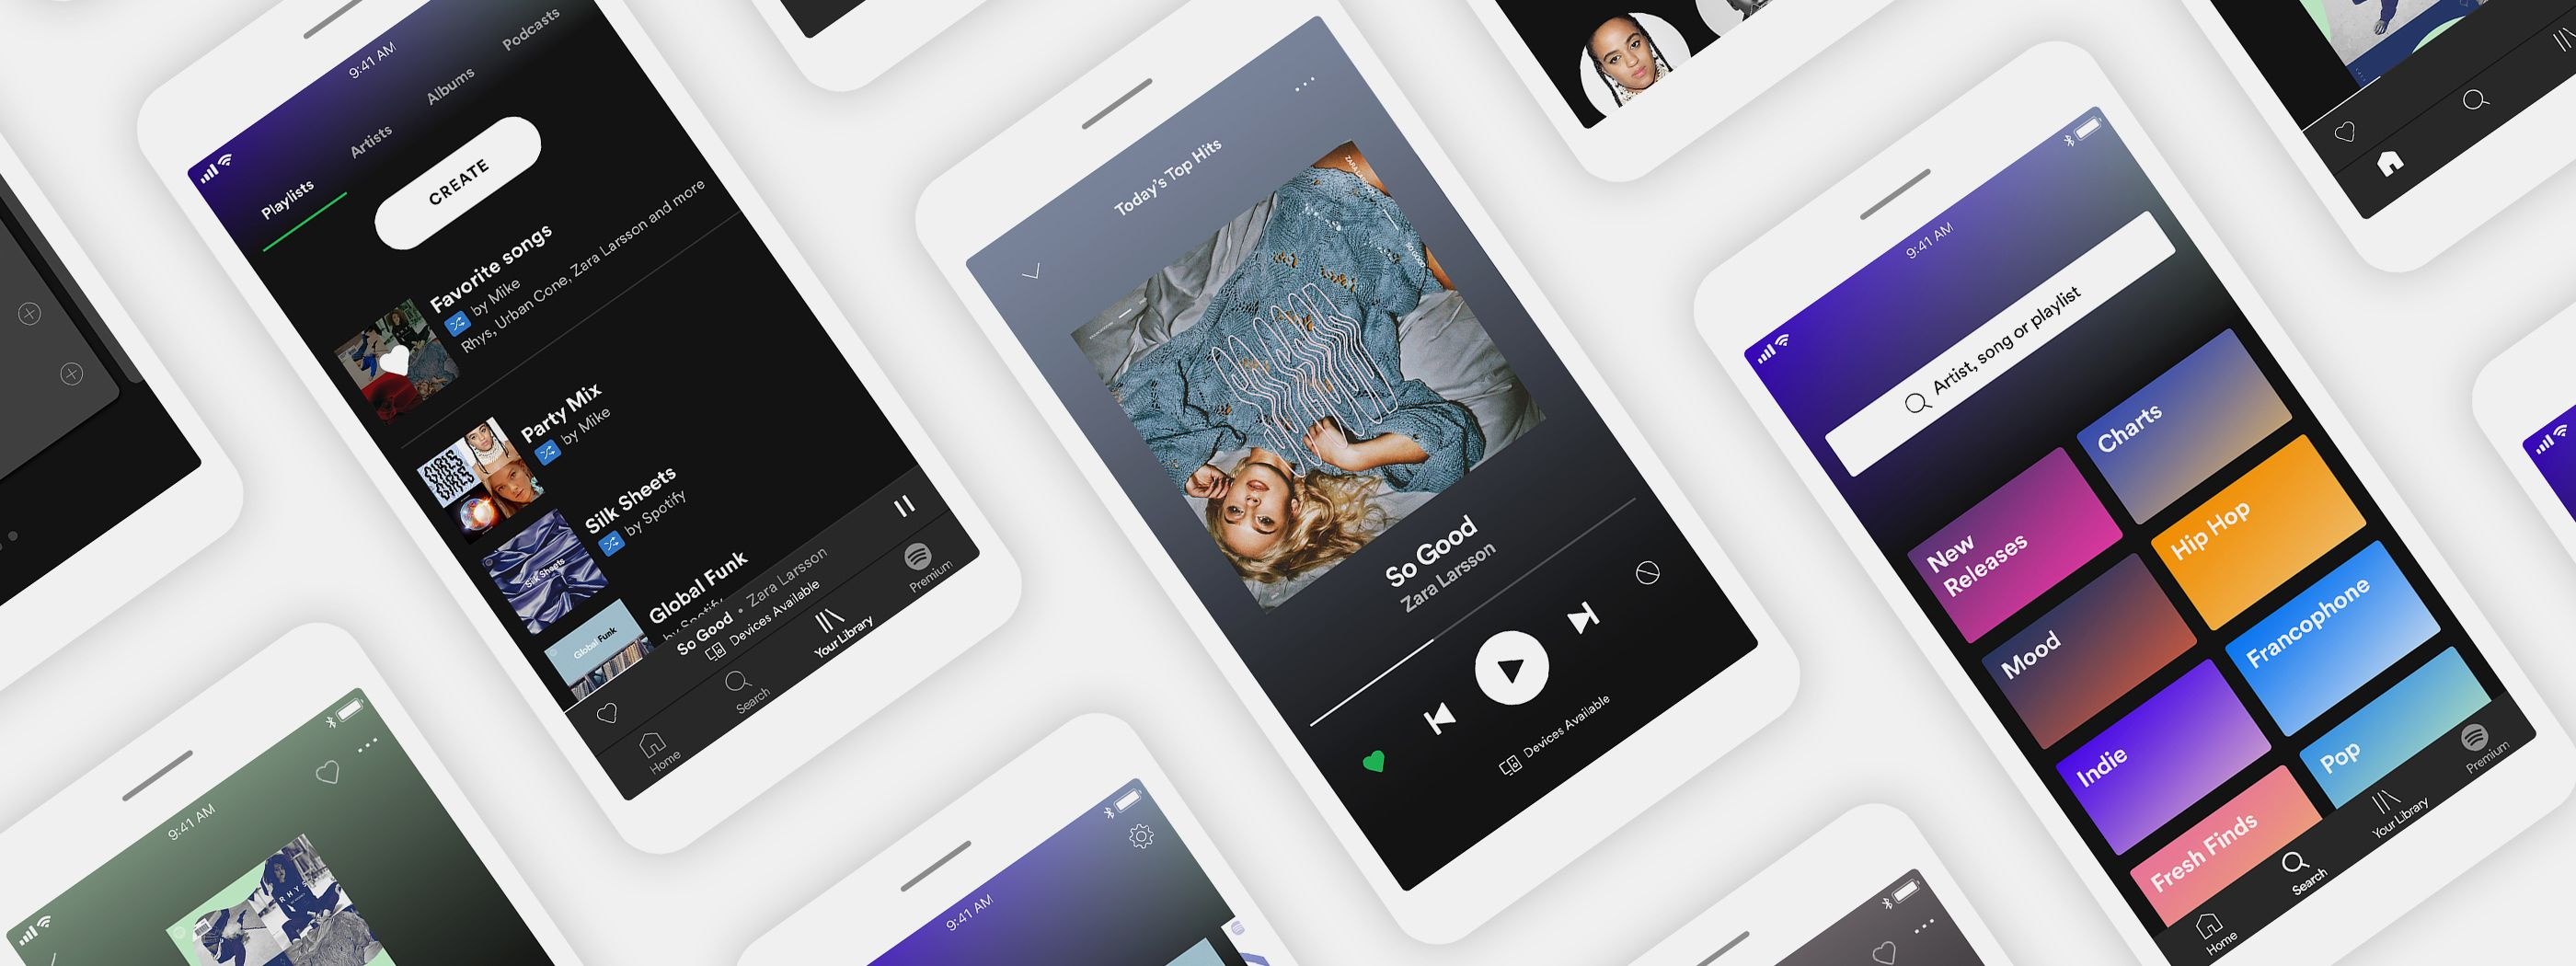 Skjermbildet til høyre vil være hva som møter deg på startskjermen til gratis-Spotify fremover.